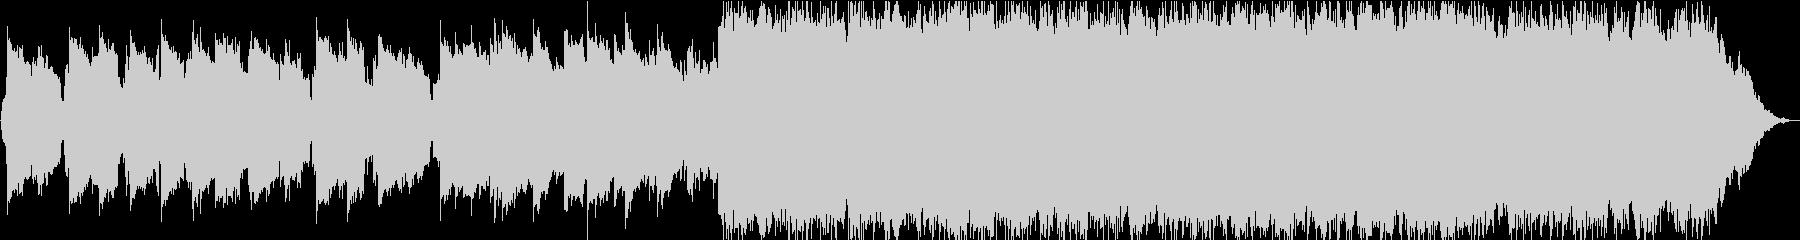 透明感のある静かな笛のヒーリング音楽の未再生の波形